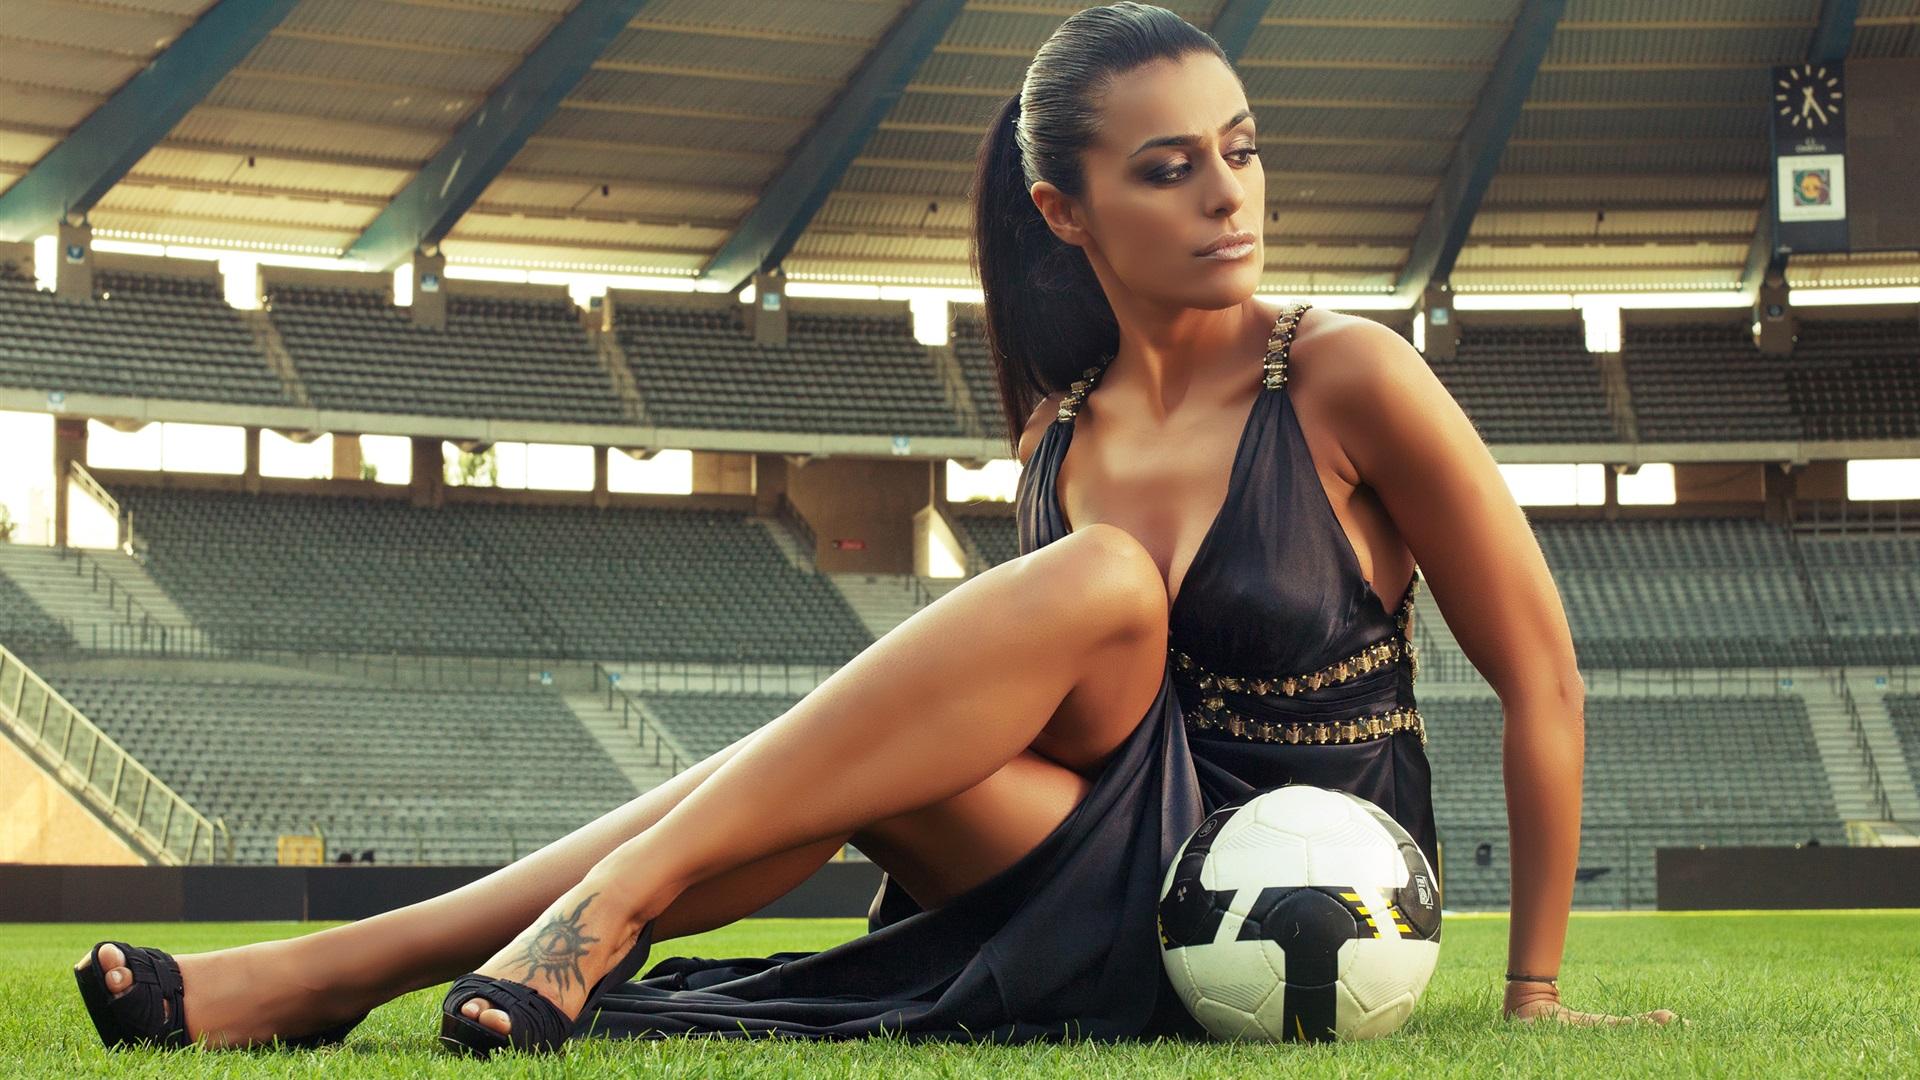 배경 화면 섹시한 여자, 축구, 경기장 2560x1600 HD 그림, 이미지